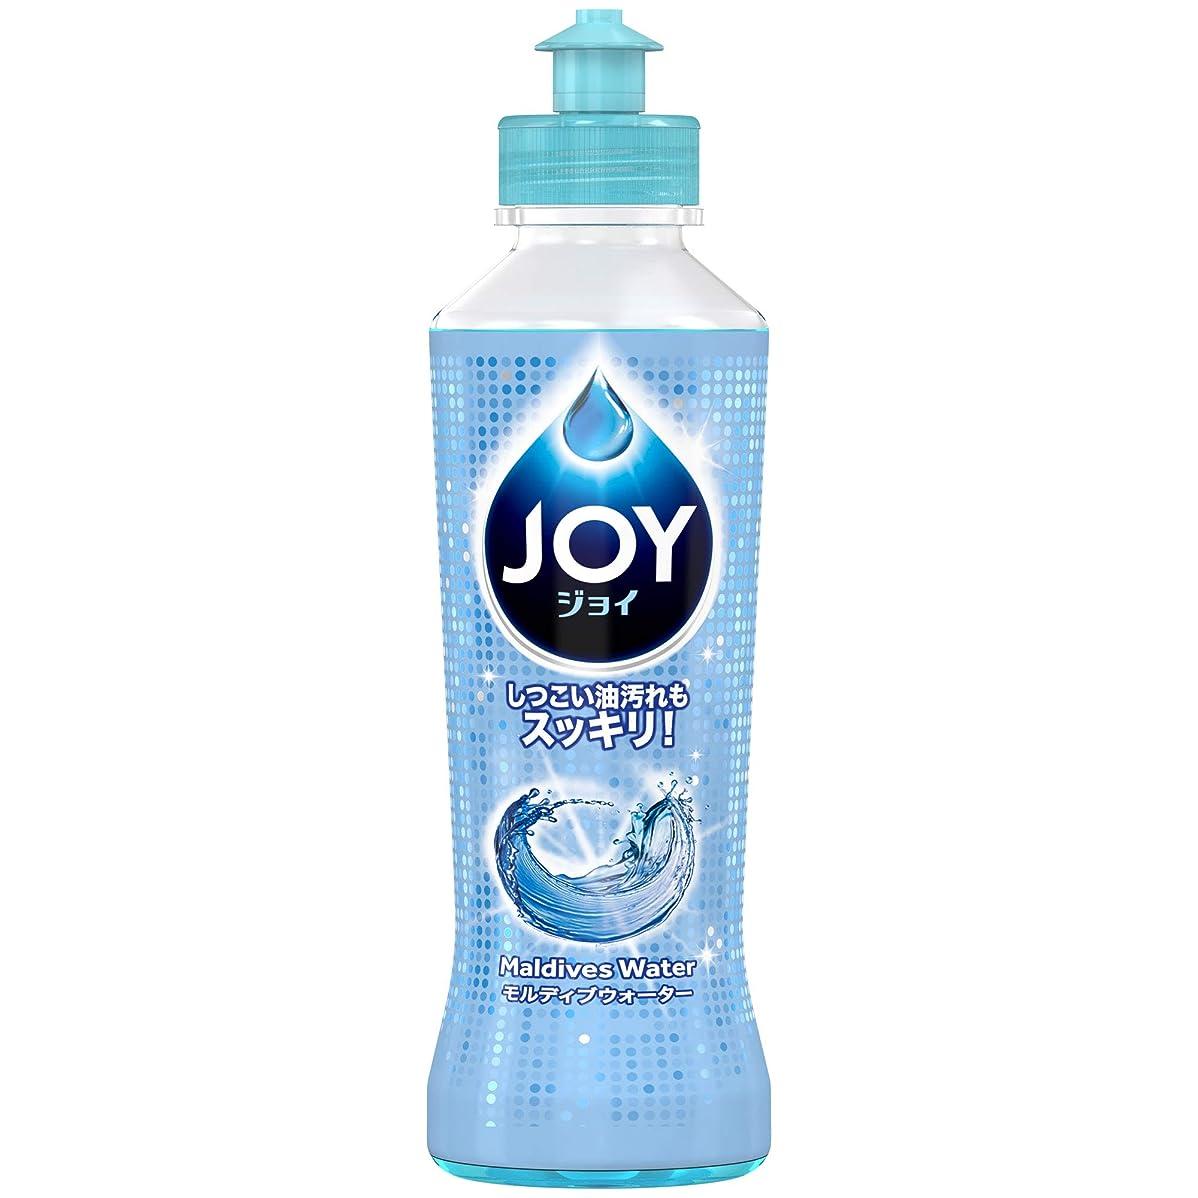 ピグマリオンノートスマートジョイ コンパクト 食器用洗剤 モルディブウォーターの香り 本体 190mL